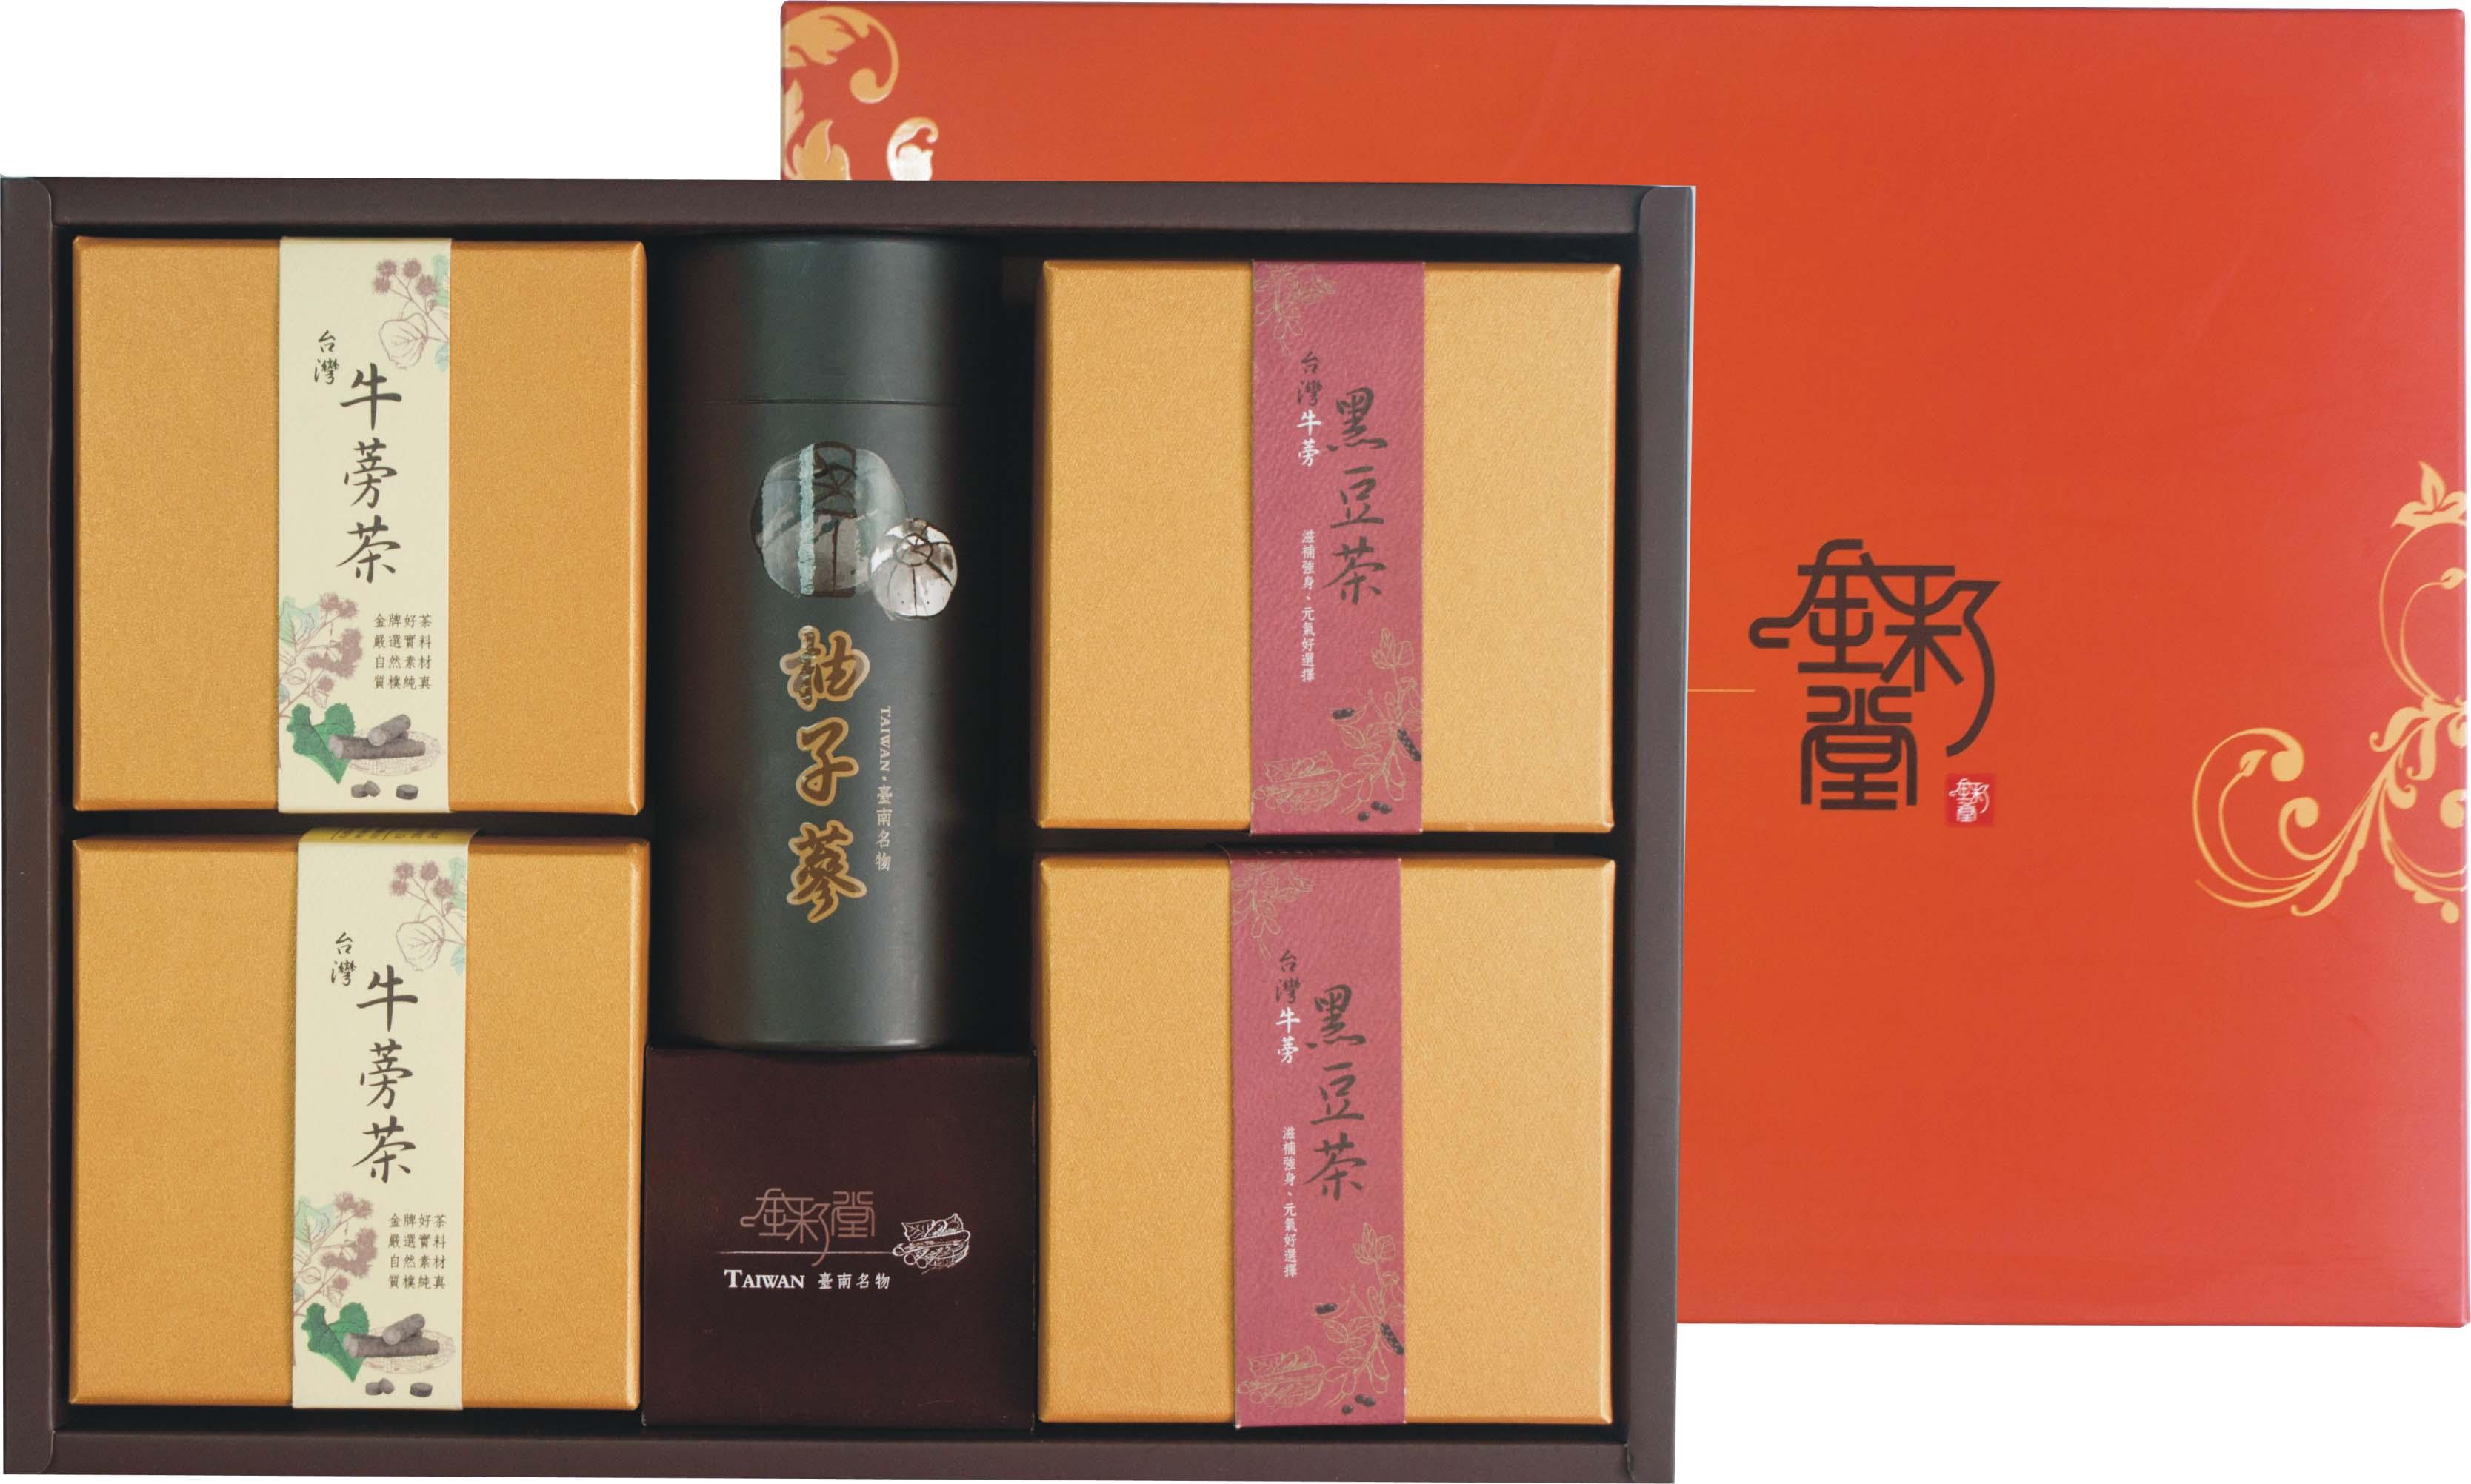 (養生牛蒡禮盒旗艦版)牛蒡茶15入*2 / 牛蒡黑豆茶15入*2,麻豆大白柚柚子蔘250g